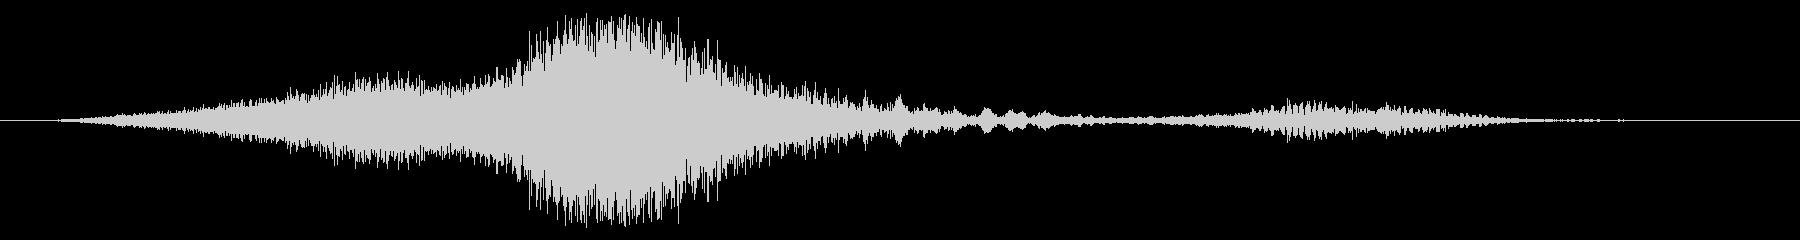 ロートレイル付きフェイズドアイスウーシュの未再生の波形